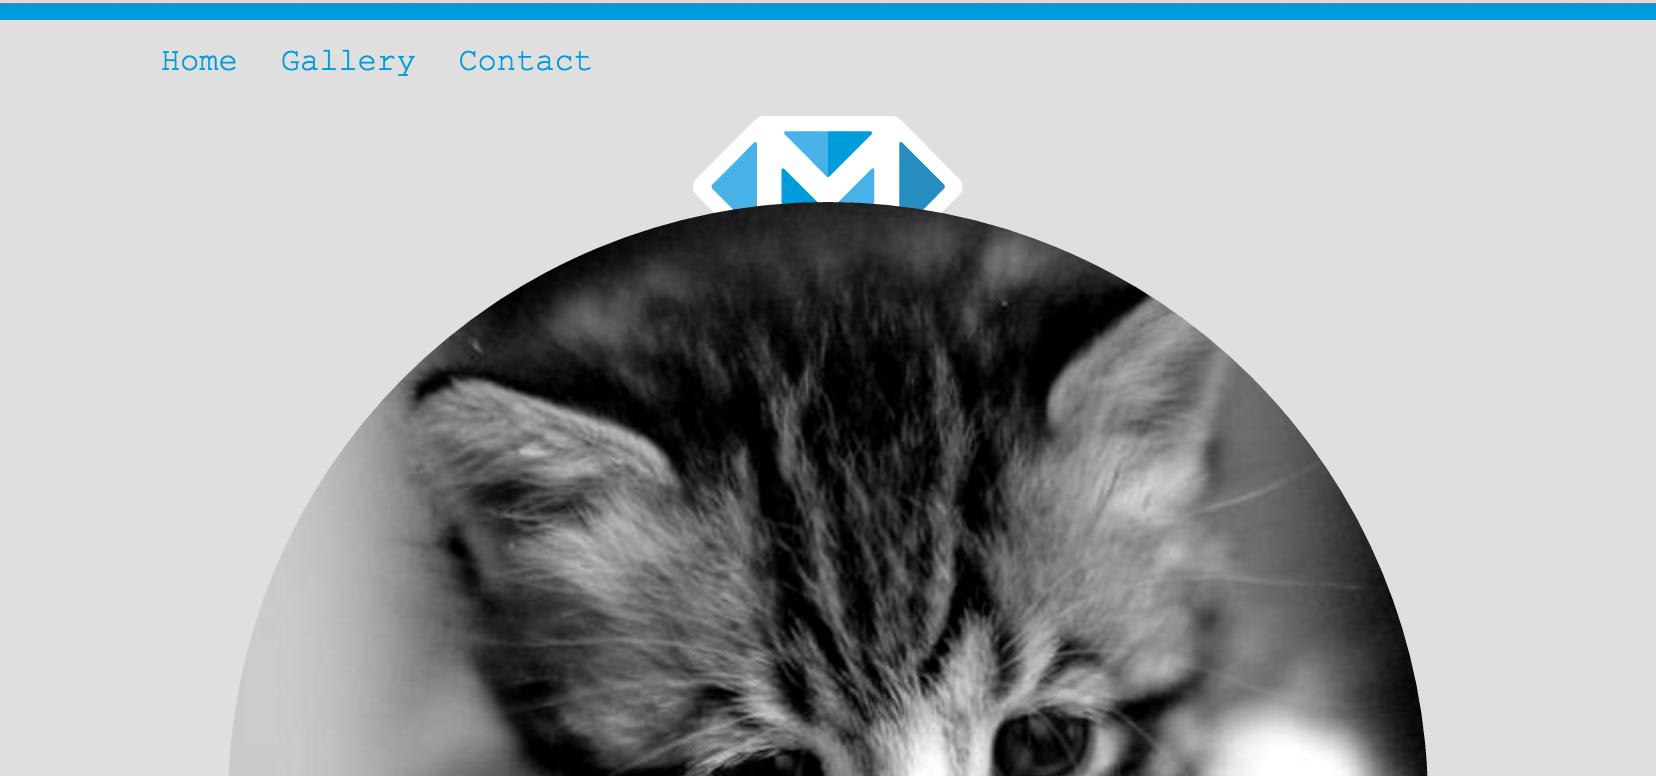 Logo below image